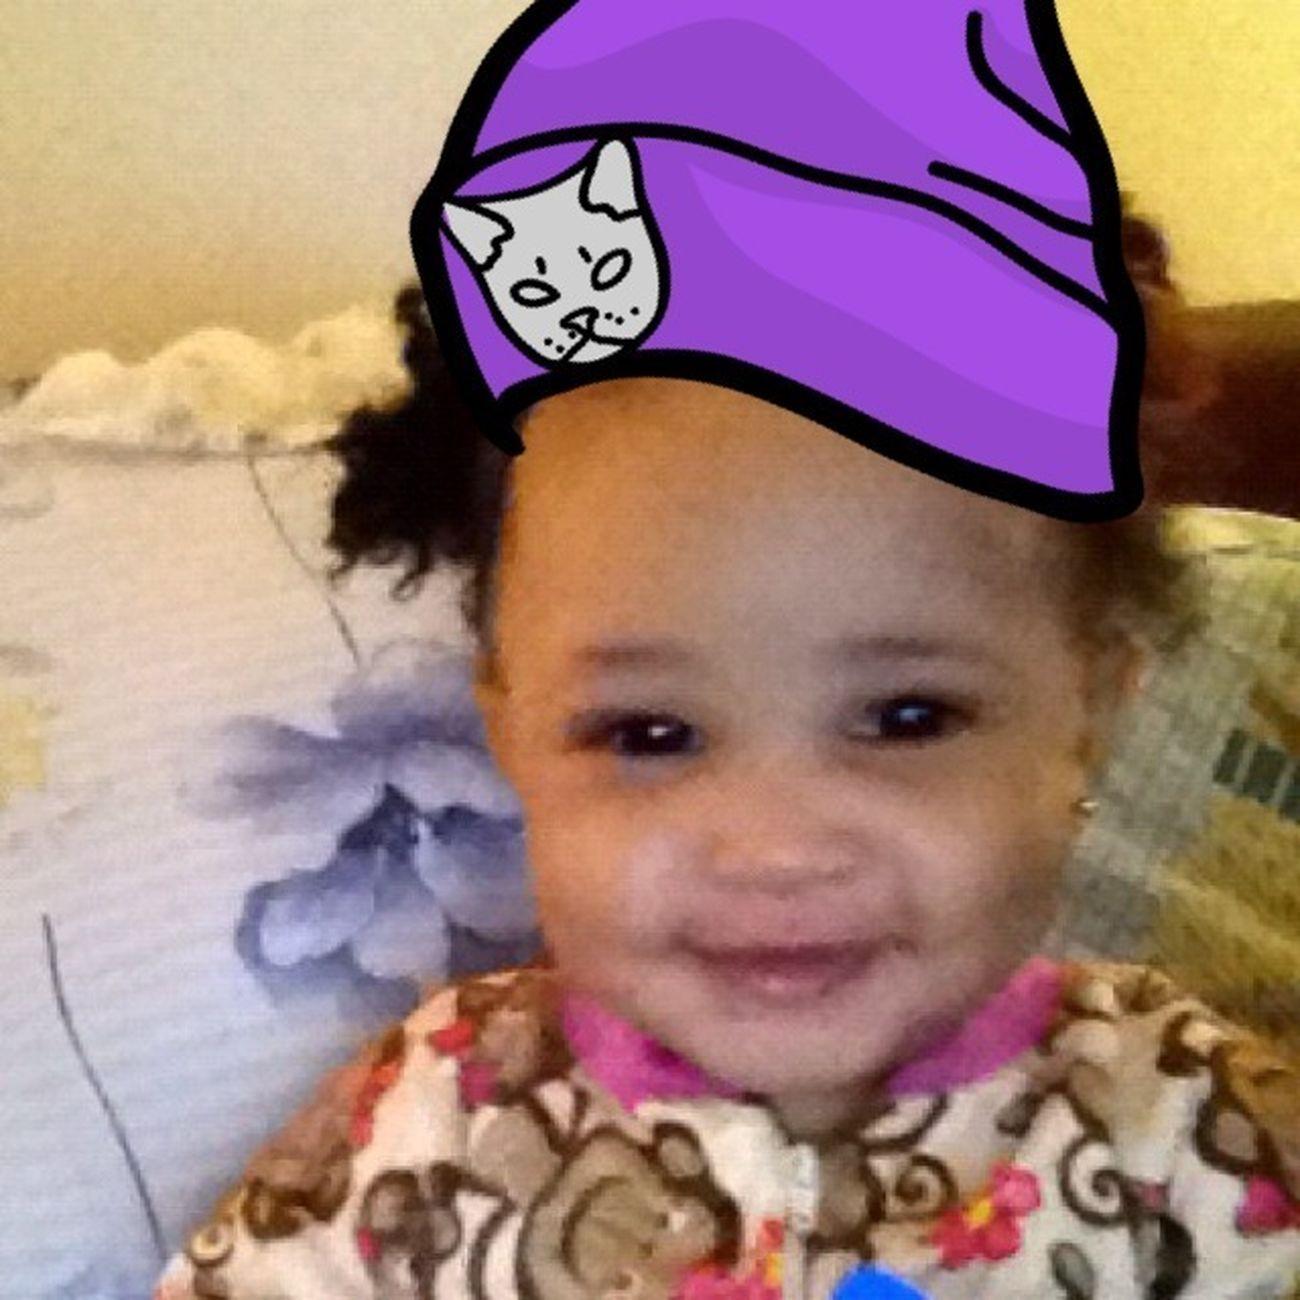 Babyy Sis